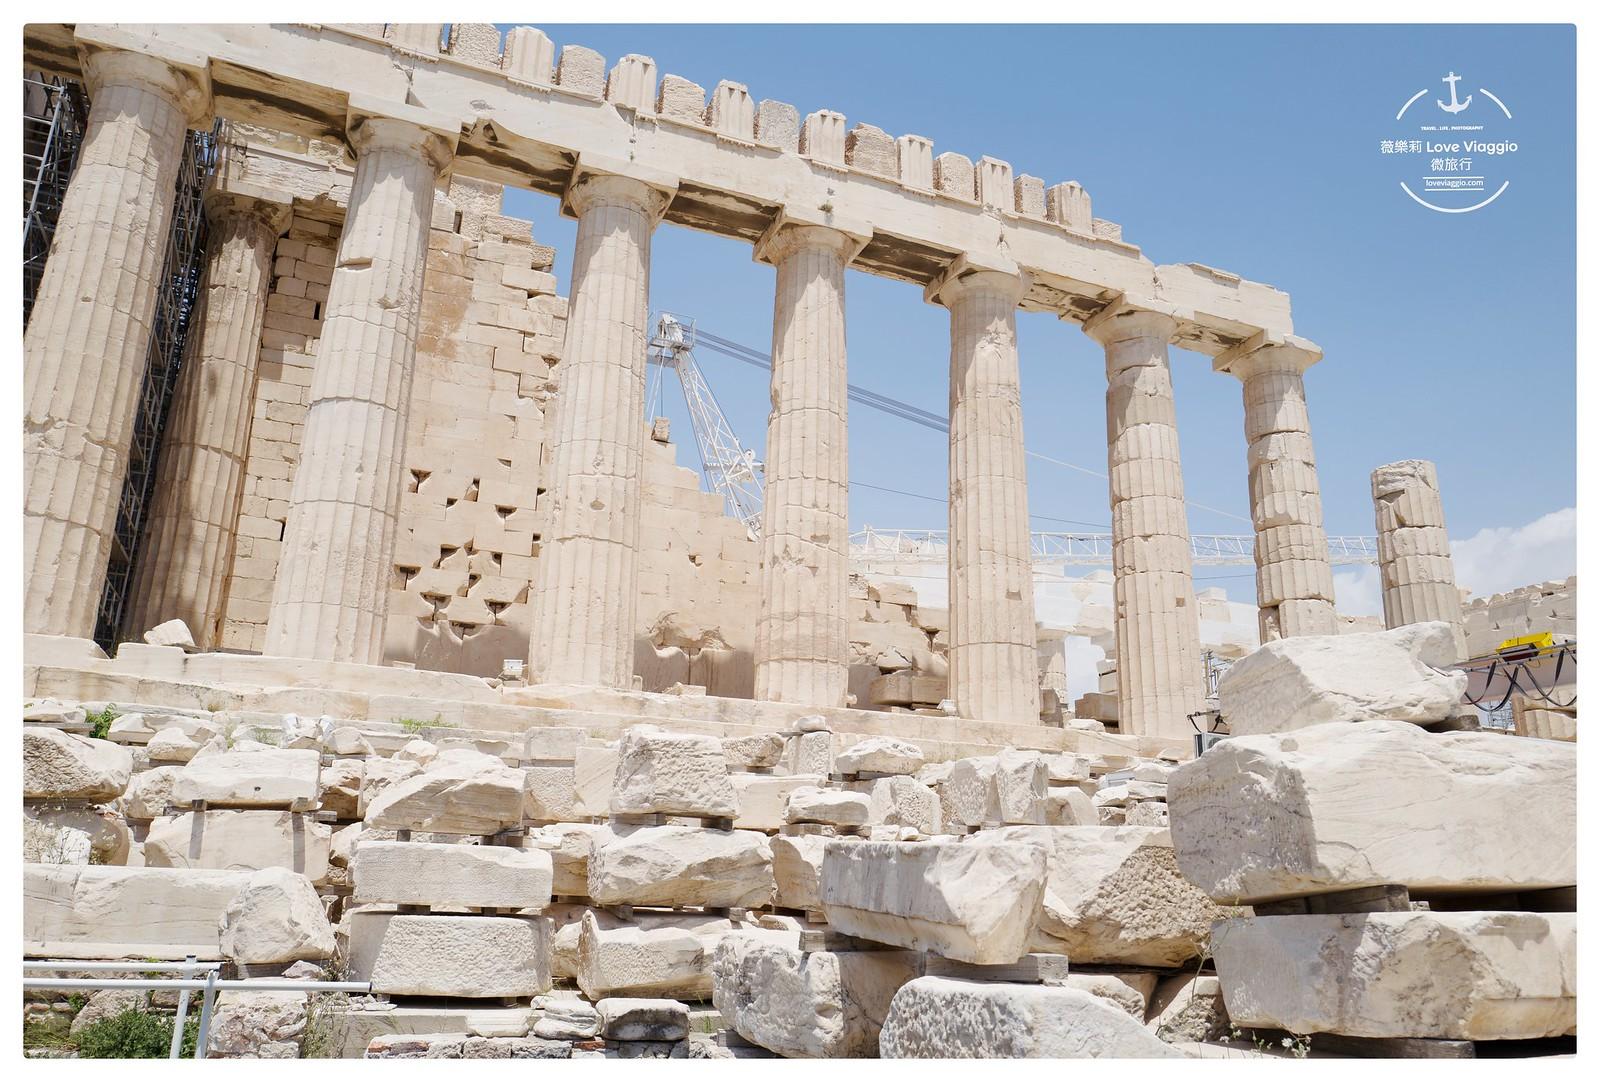 【希臘 Greece】雅典景點衛城Acropolis 世界文化遺產古希臘帕德嫩神廟 @薇樂莉 Love Viaggio | 旅行.生活.攝影